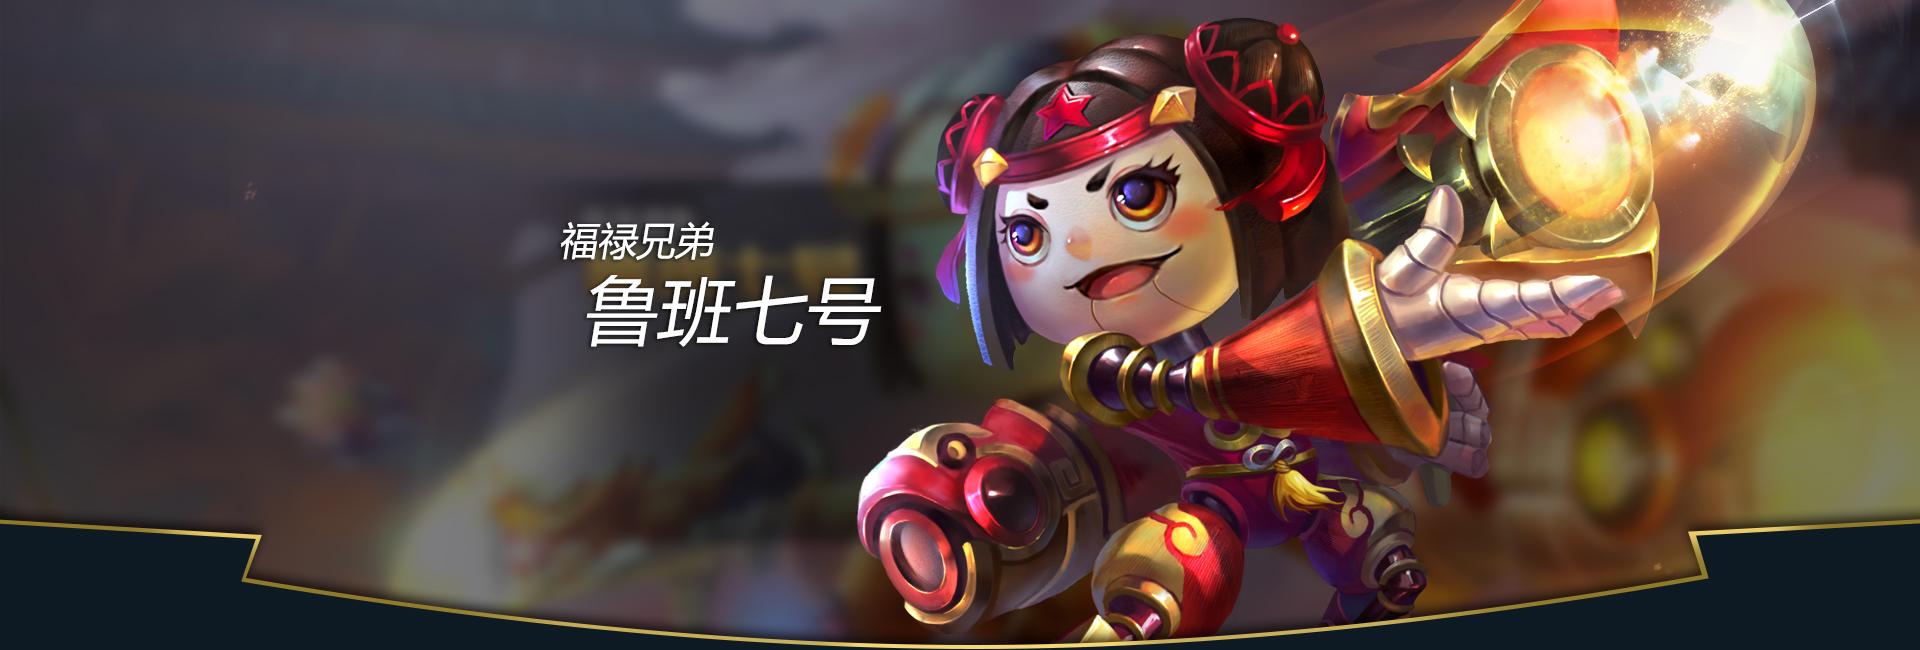 第2弹《王者荣耀英雄皮肤CG》竞技游戏89